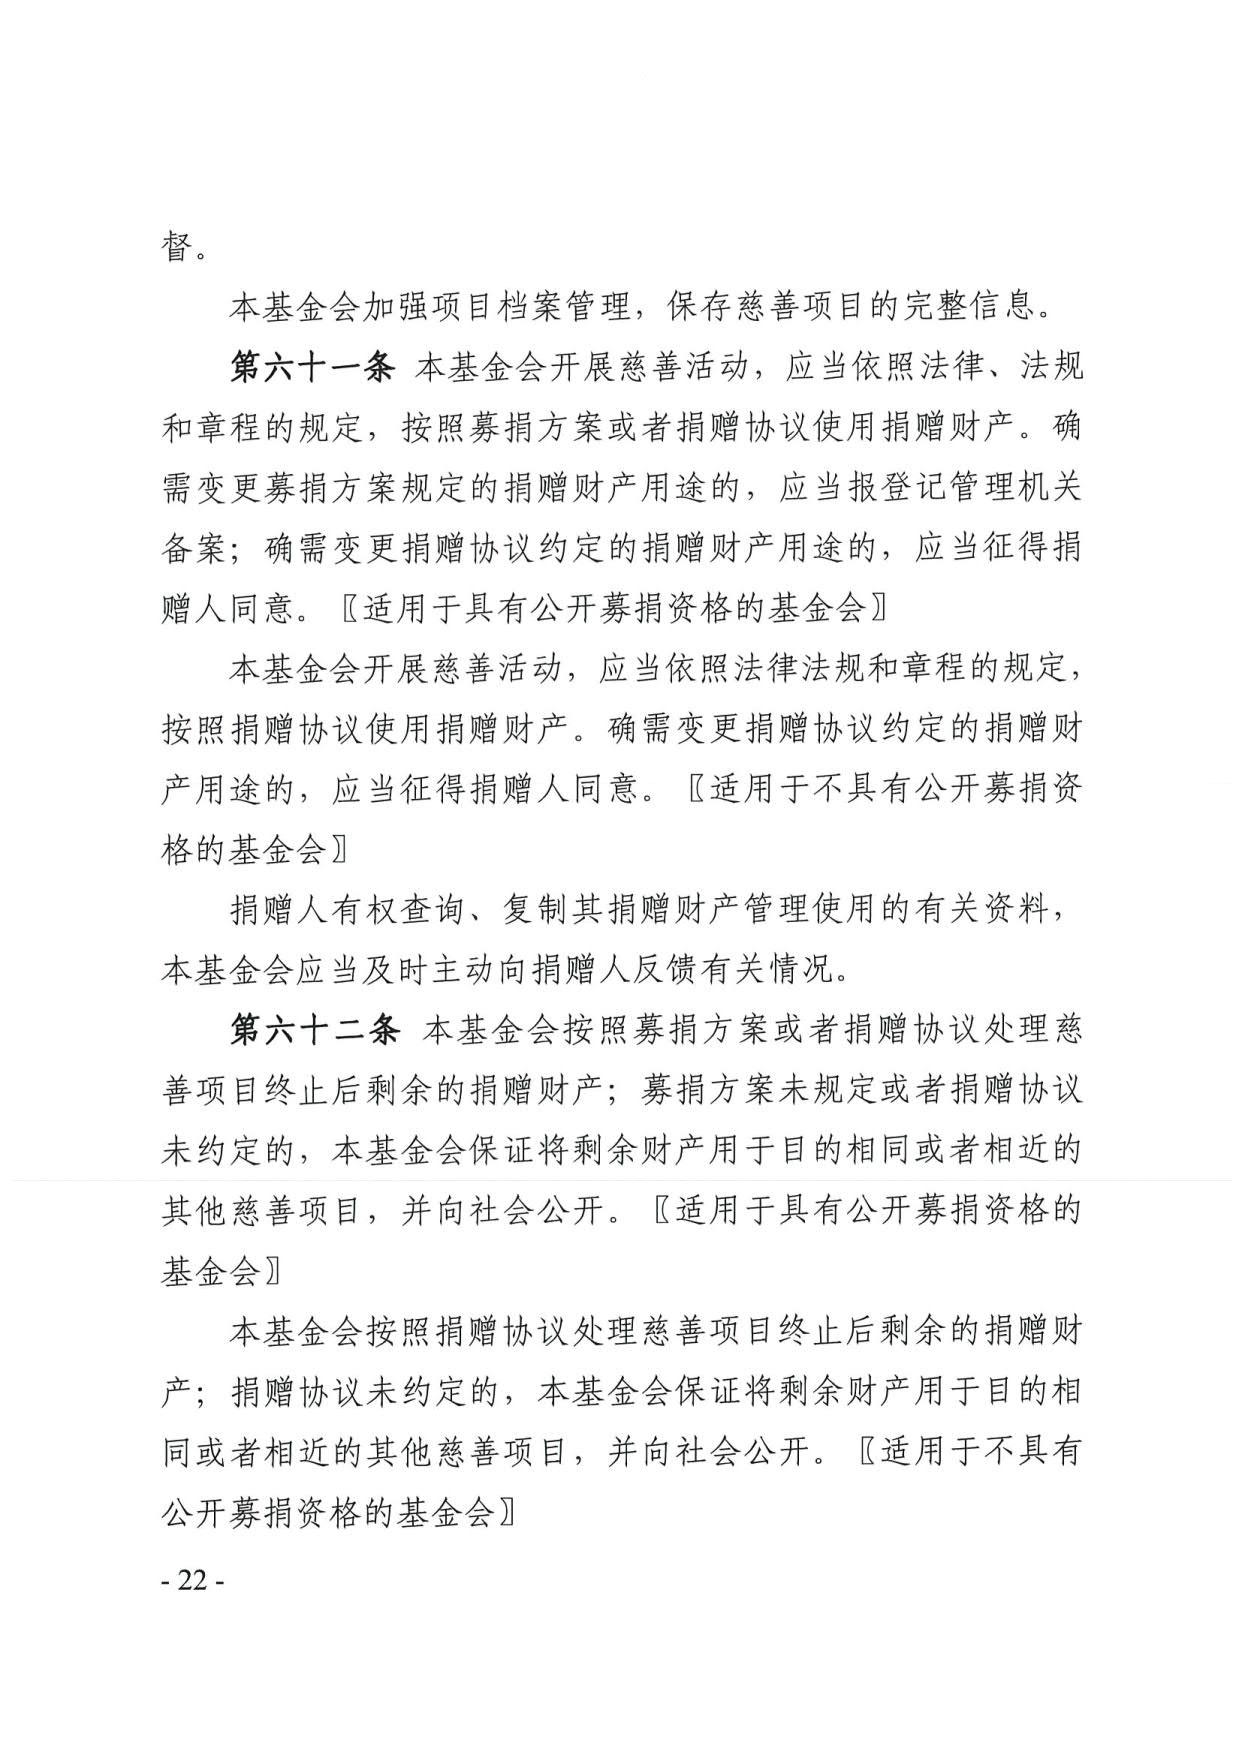 广东省民政厅关于印发《广东省基金会章程示范文本》的通知(4)_22.jpg